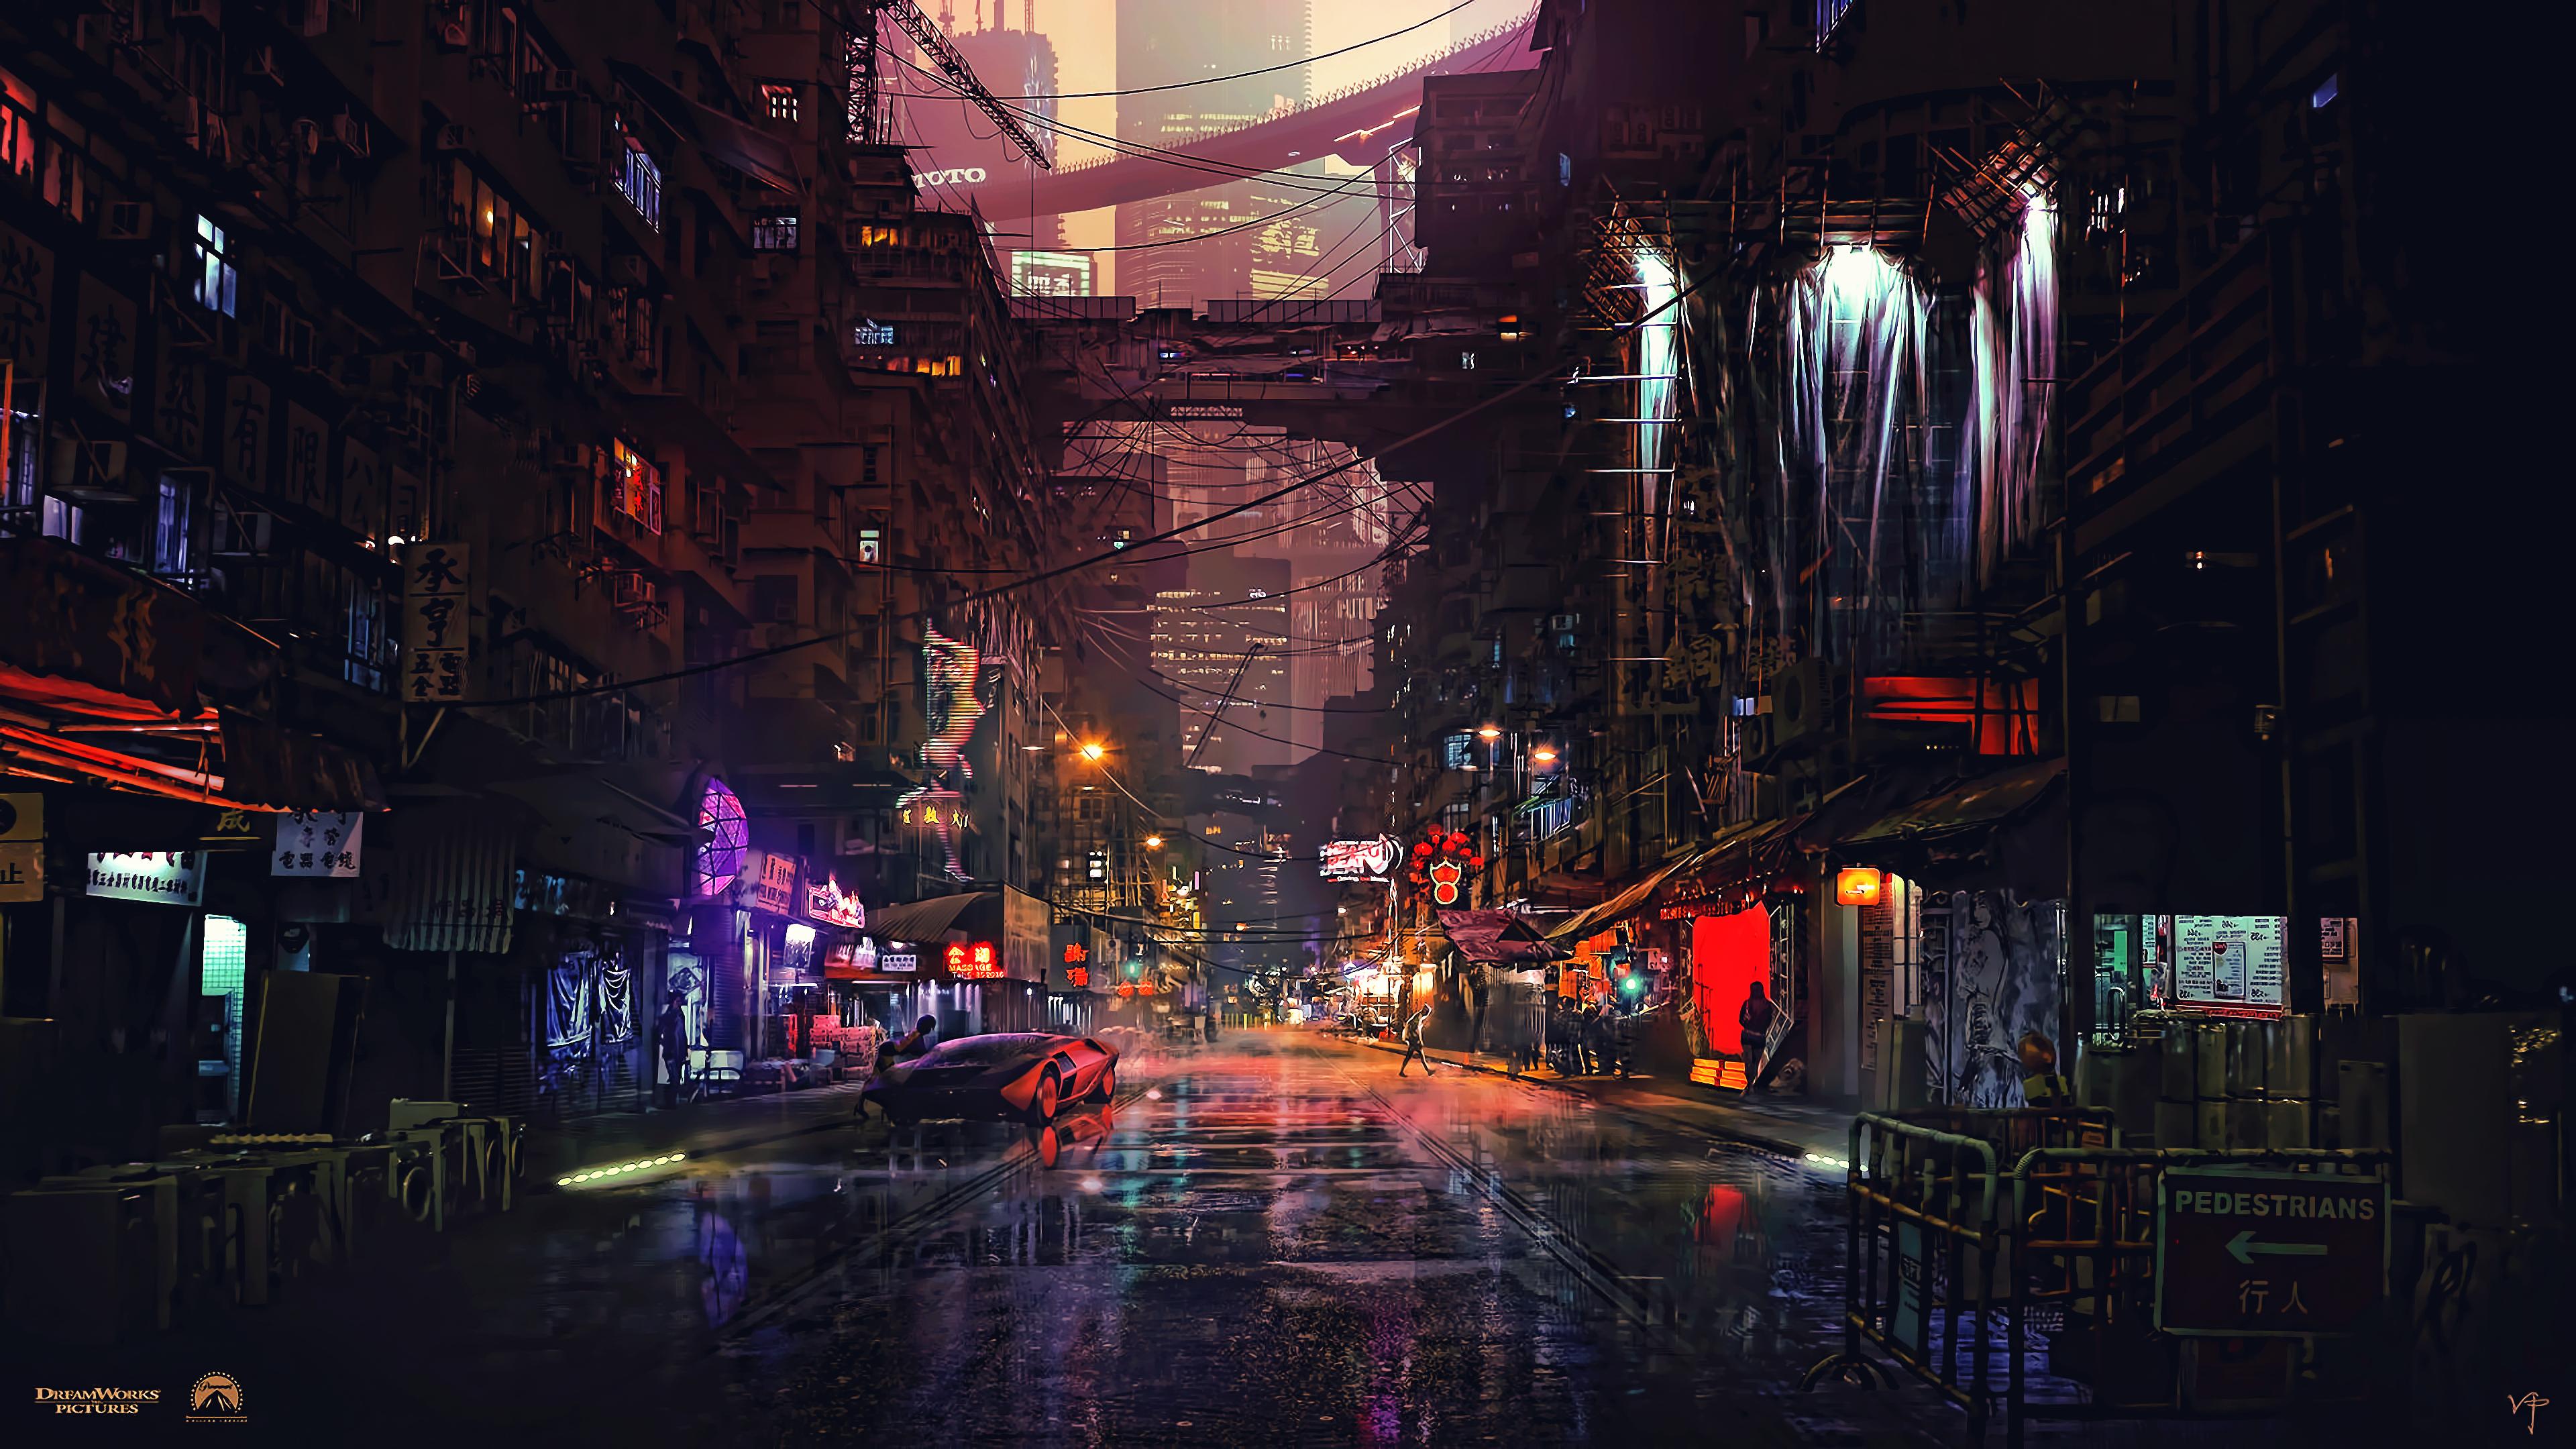 Cyberpunk 2077 City Wallpaper: Wallpaper : 3840x2160 Px, Artwork, Cyber, Cyberpunk